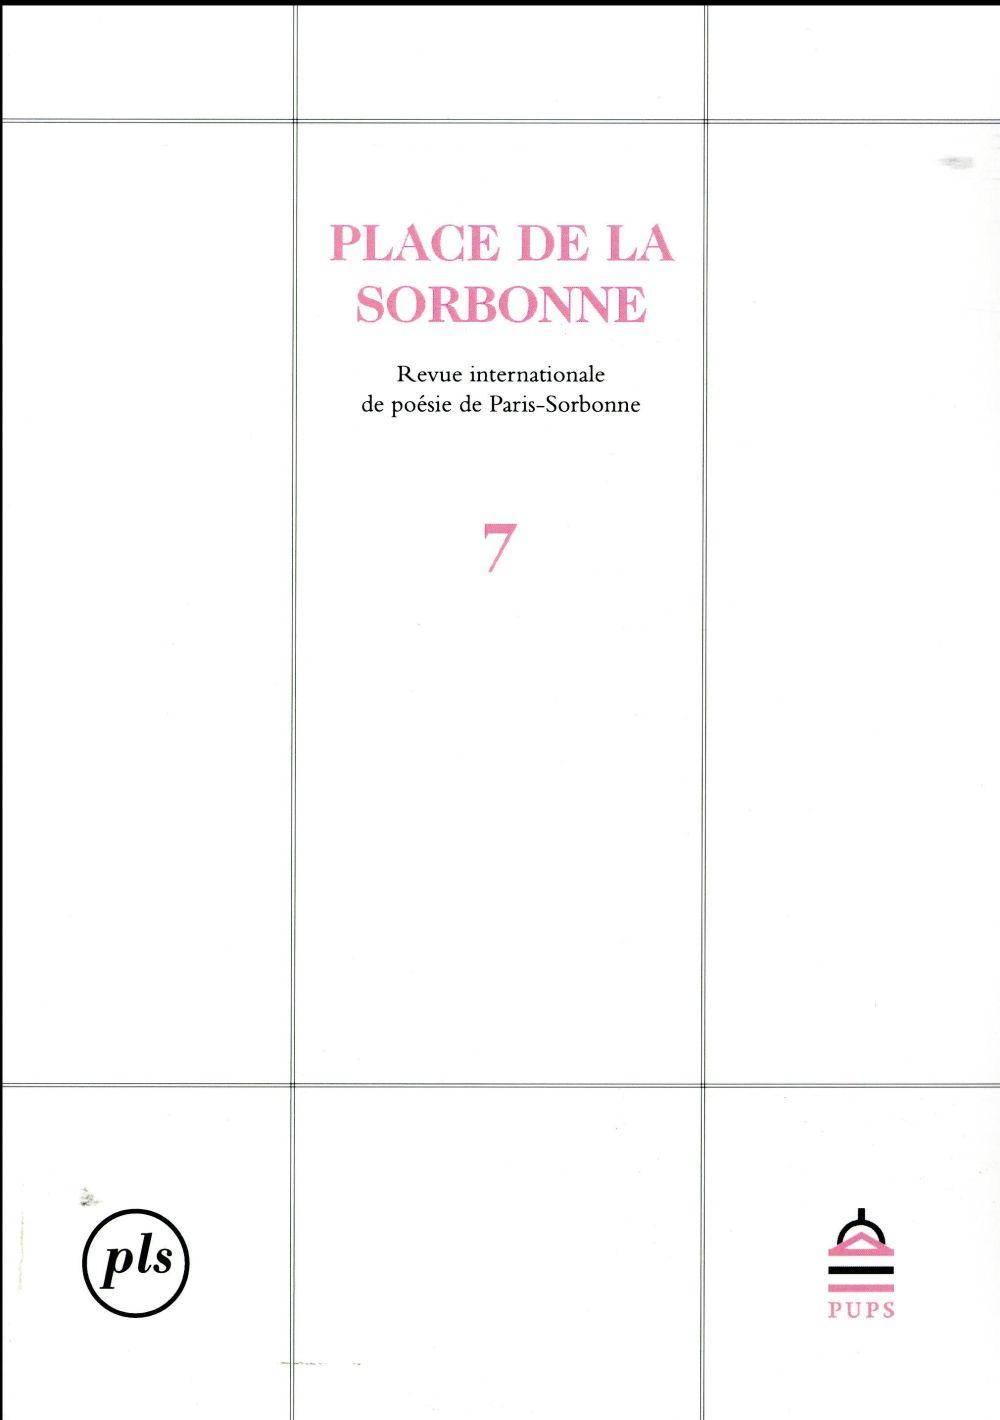 PLACE DE LA SORBONNE 7